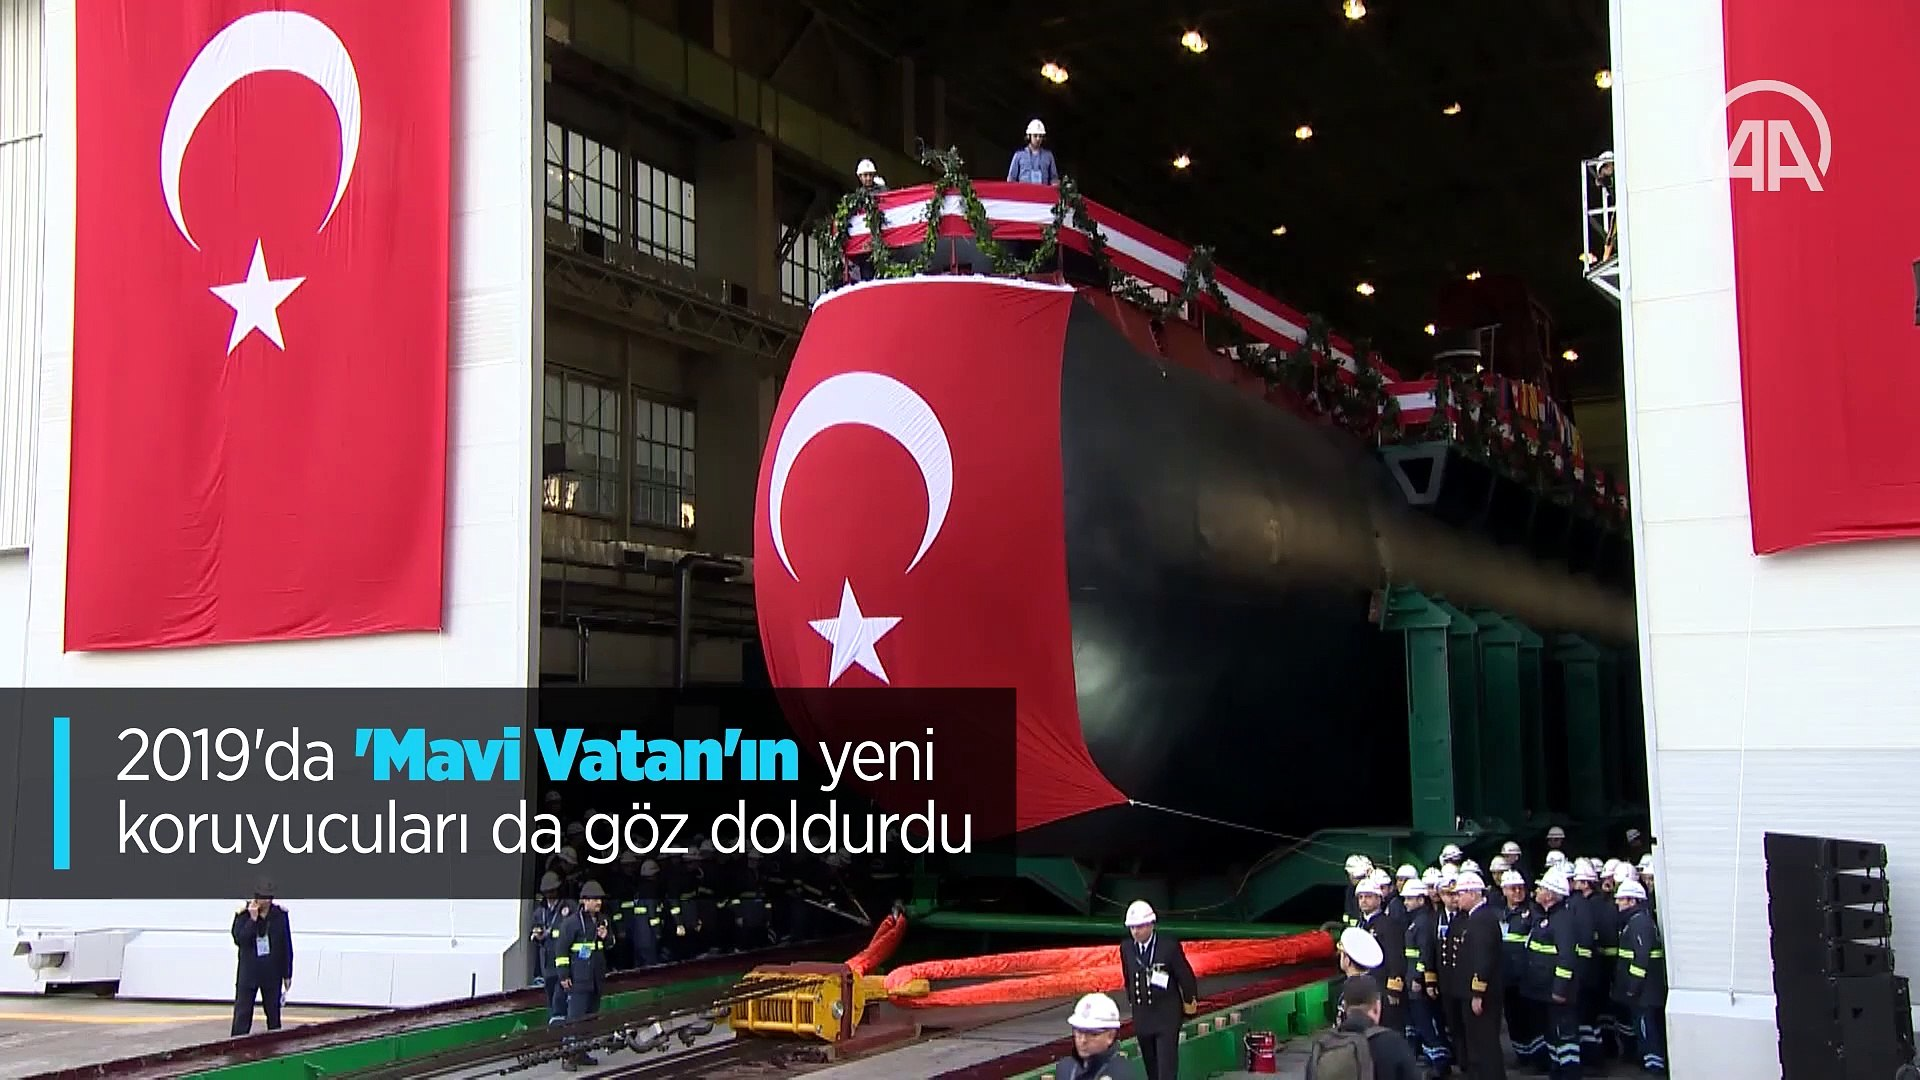 Yerli otomobilden sonra,  2019 Türk savunma sanayisinde de gurur yılı oldu